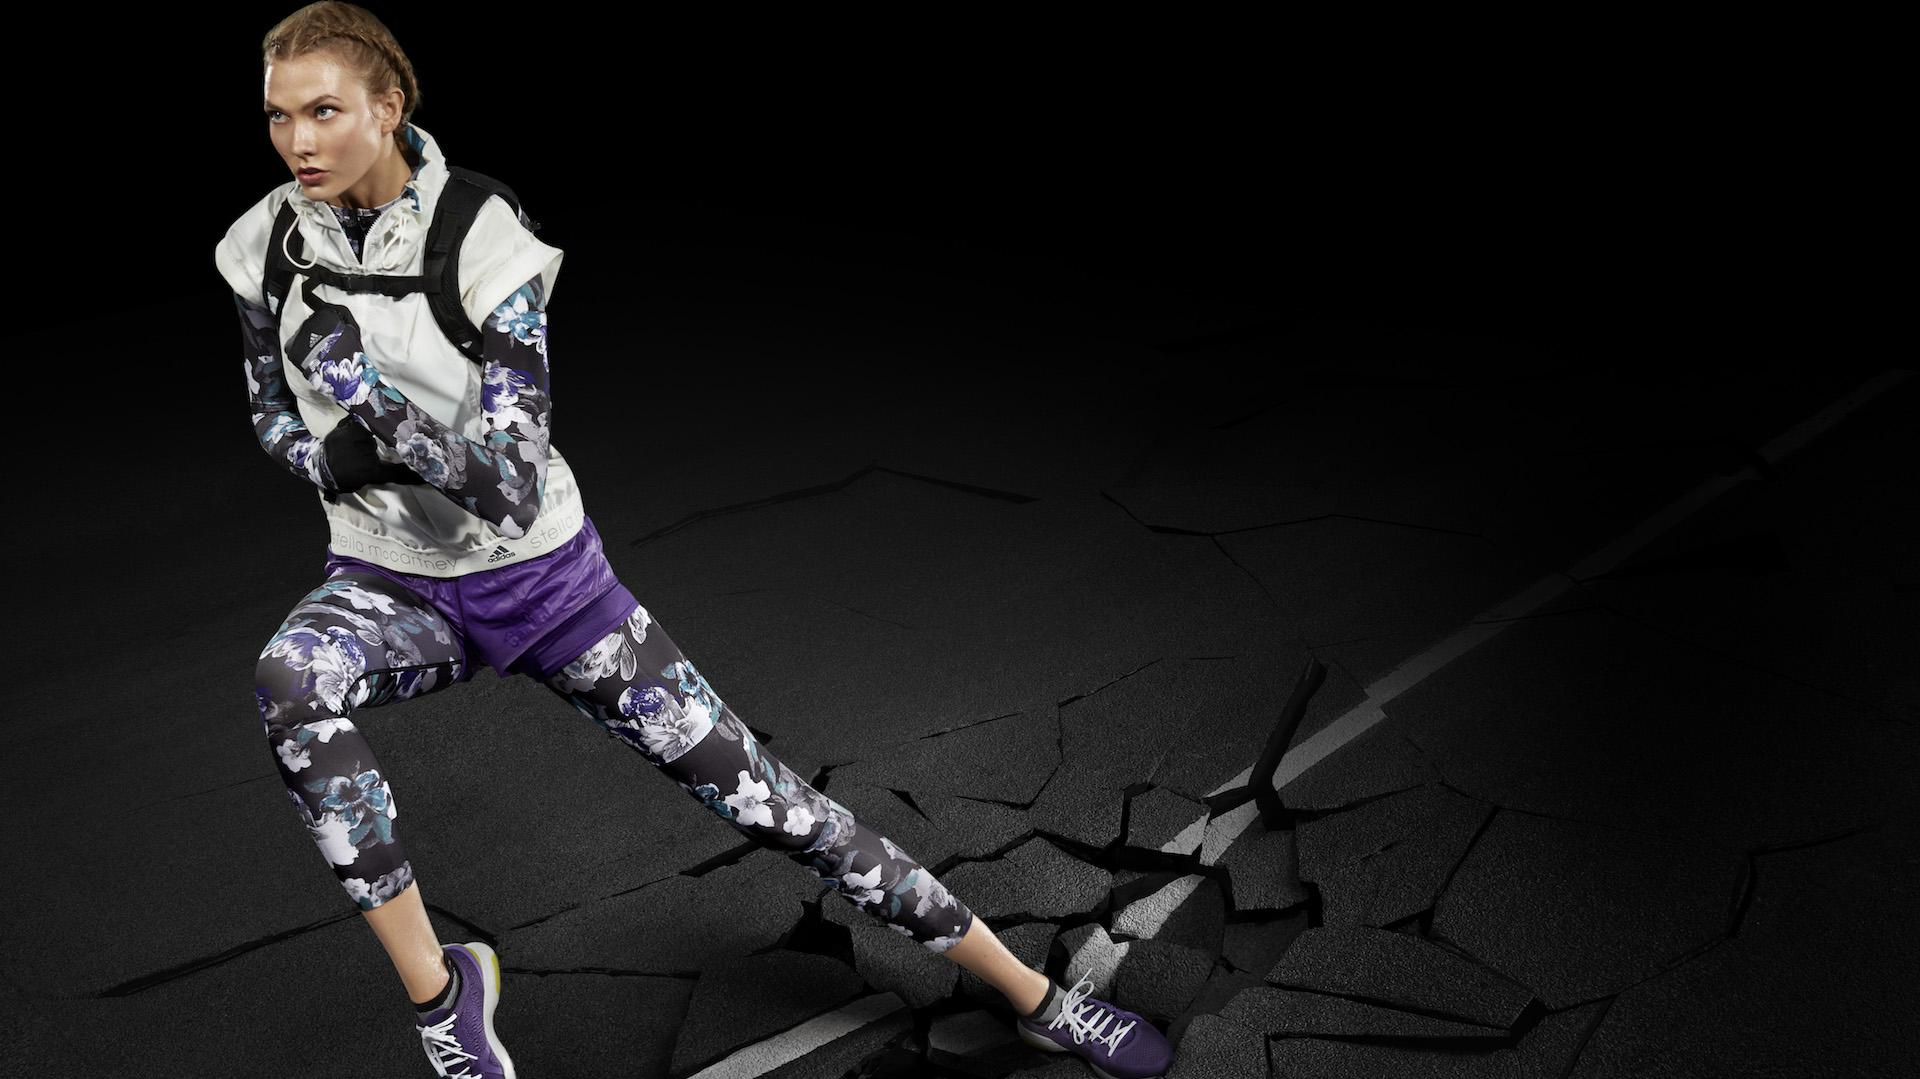 La nueva cara de Adidas by Stella McCartney es la super modelo Karlie Kloss